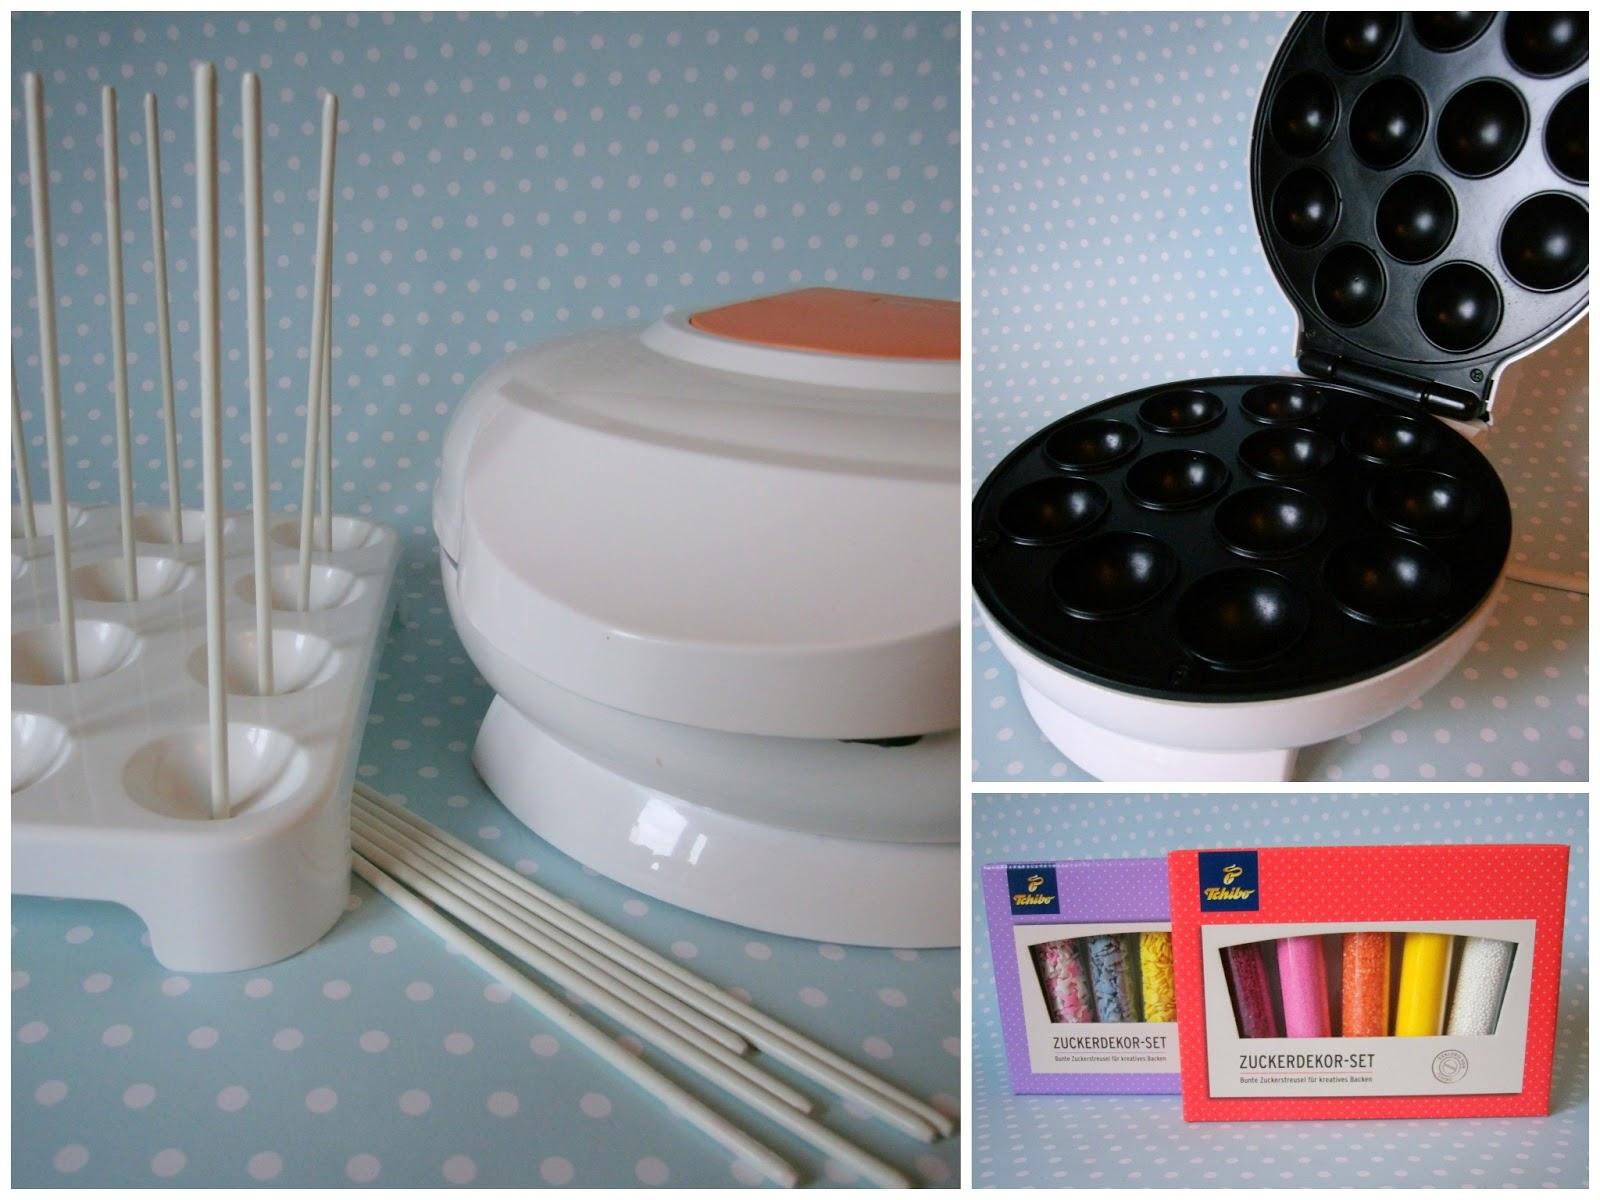 mixer test mixer test einebinsenweisheit. Black Bedroom Furniture Sets. Home Design Ideas